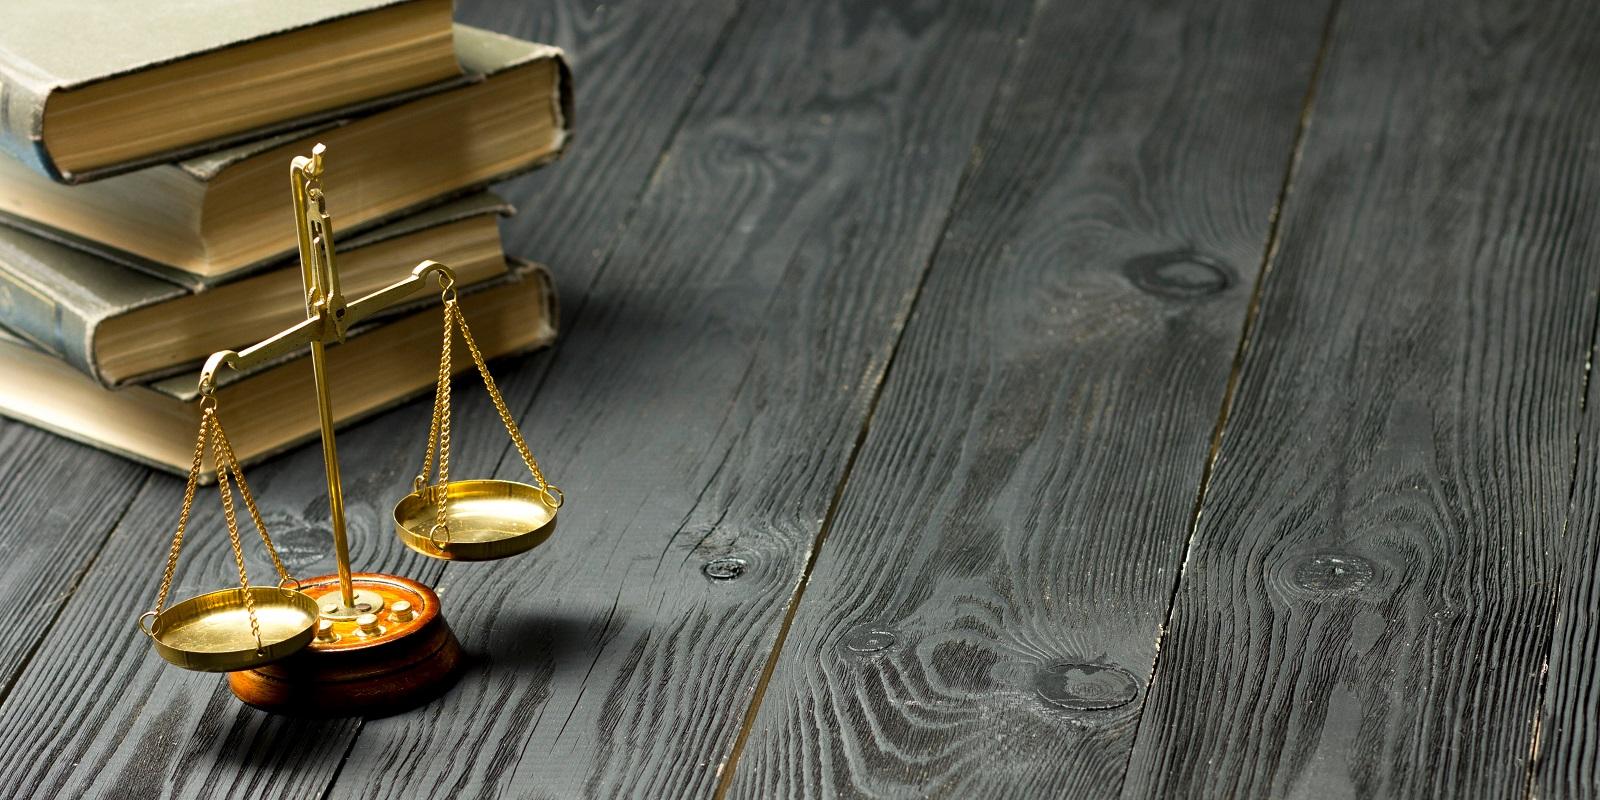 Konsep dan Penafsiran Iktikad Baik dalam Hukum Perdata